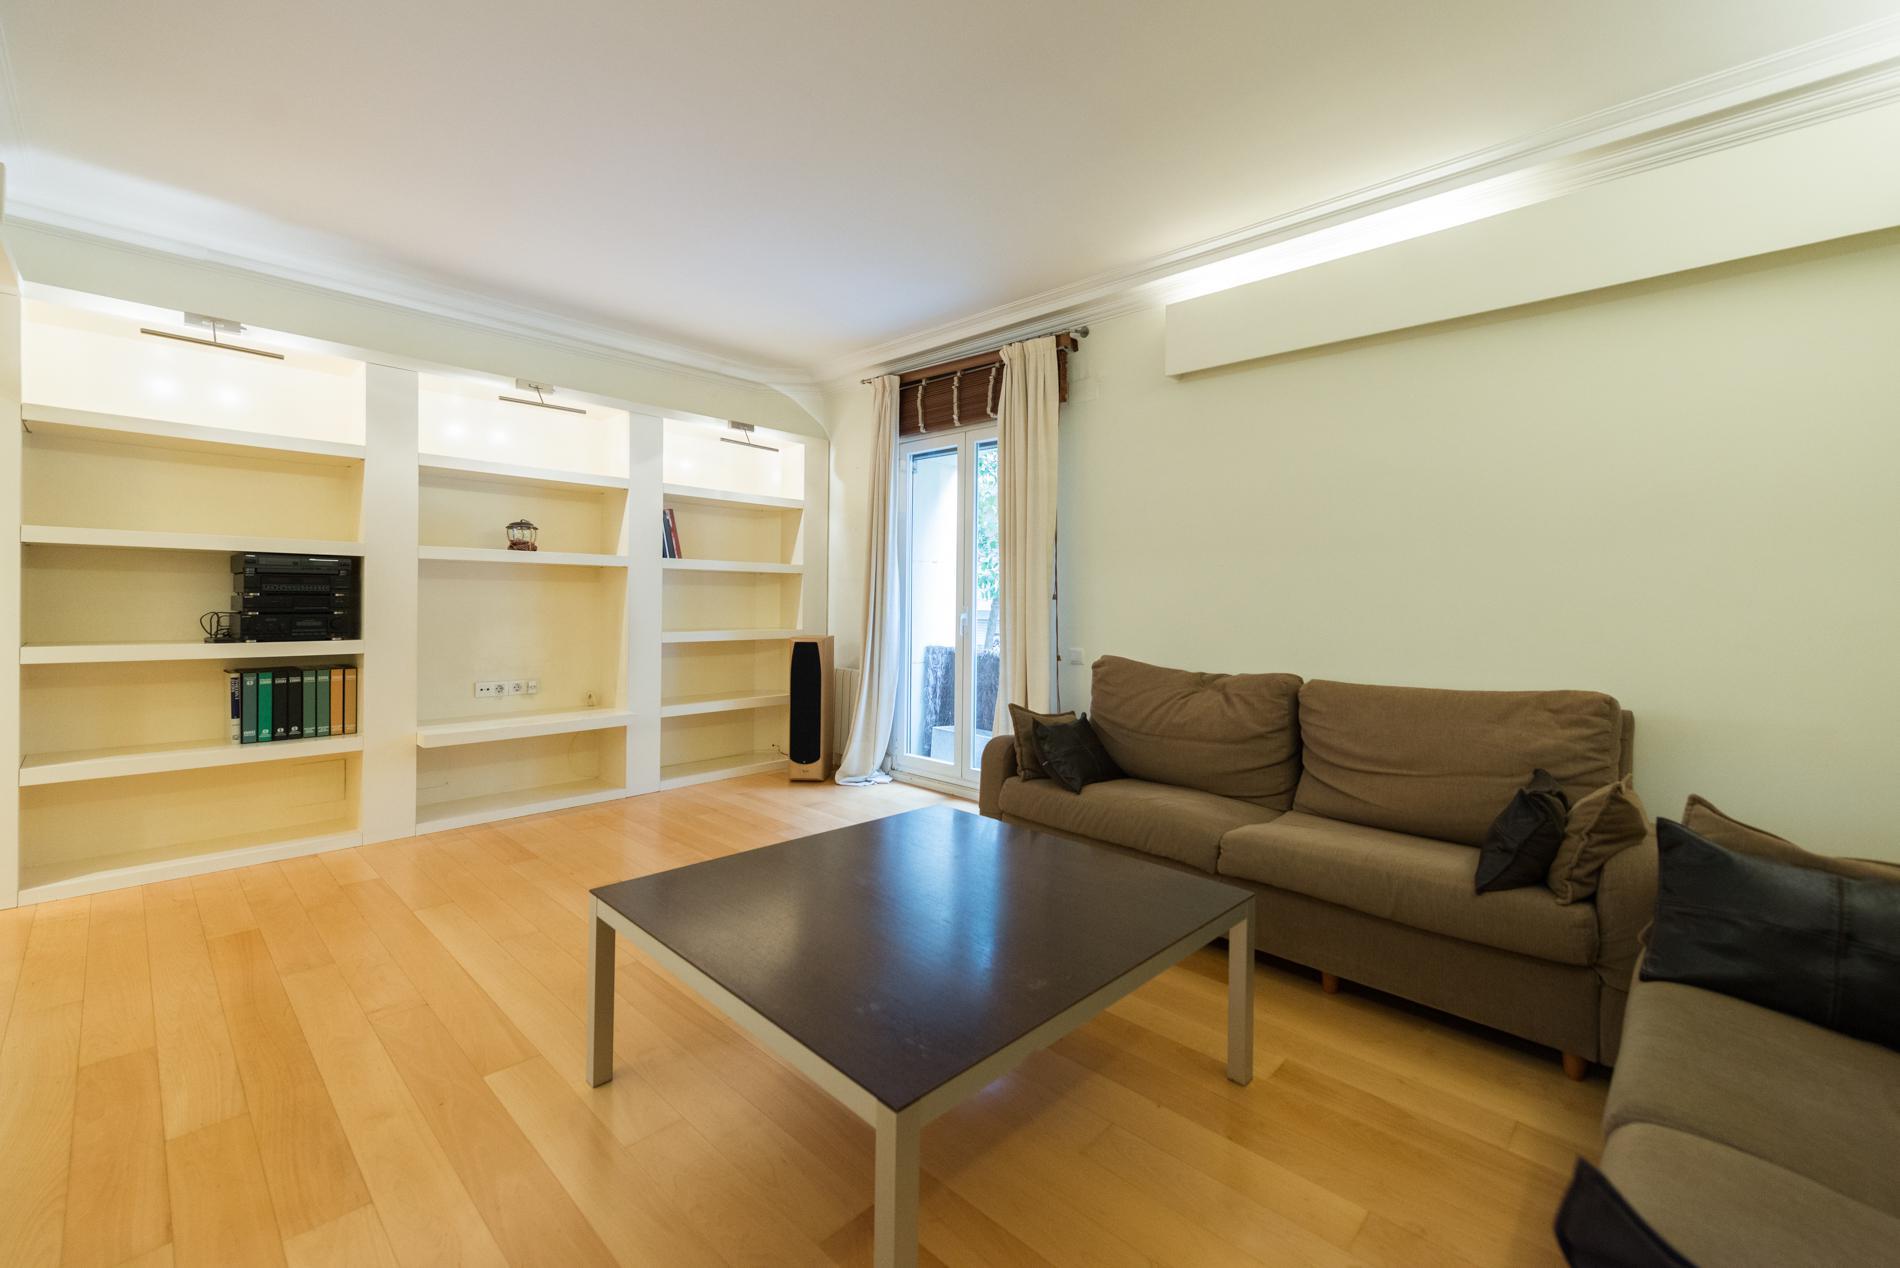 247761 Ground Floor for sale in Sarrià-Sant Gervasi, St. Gervasi-Bonanova 4